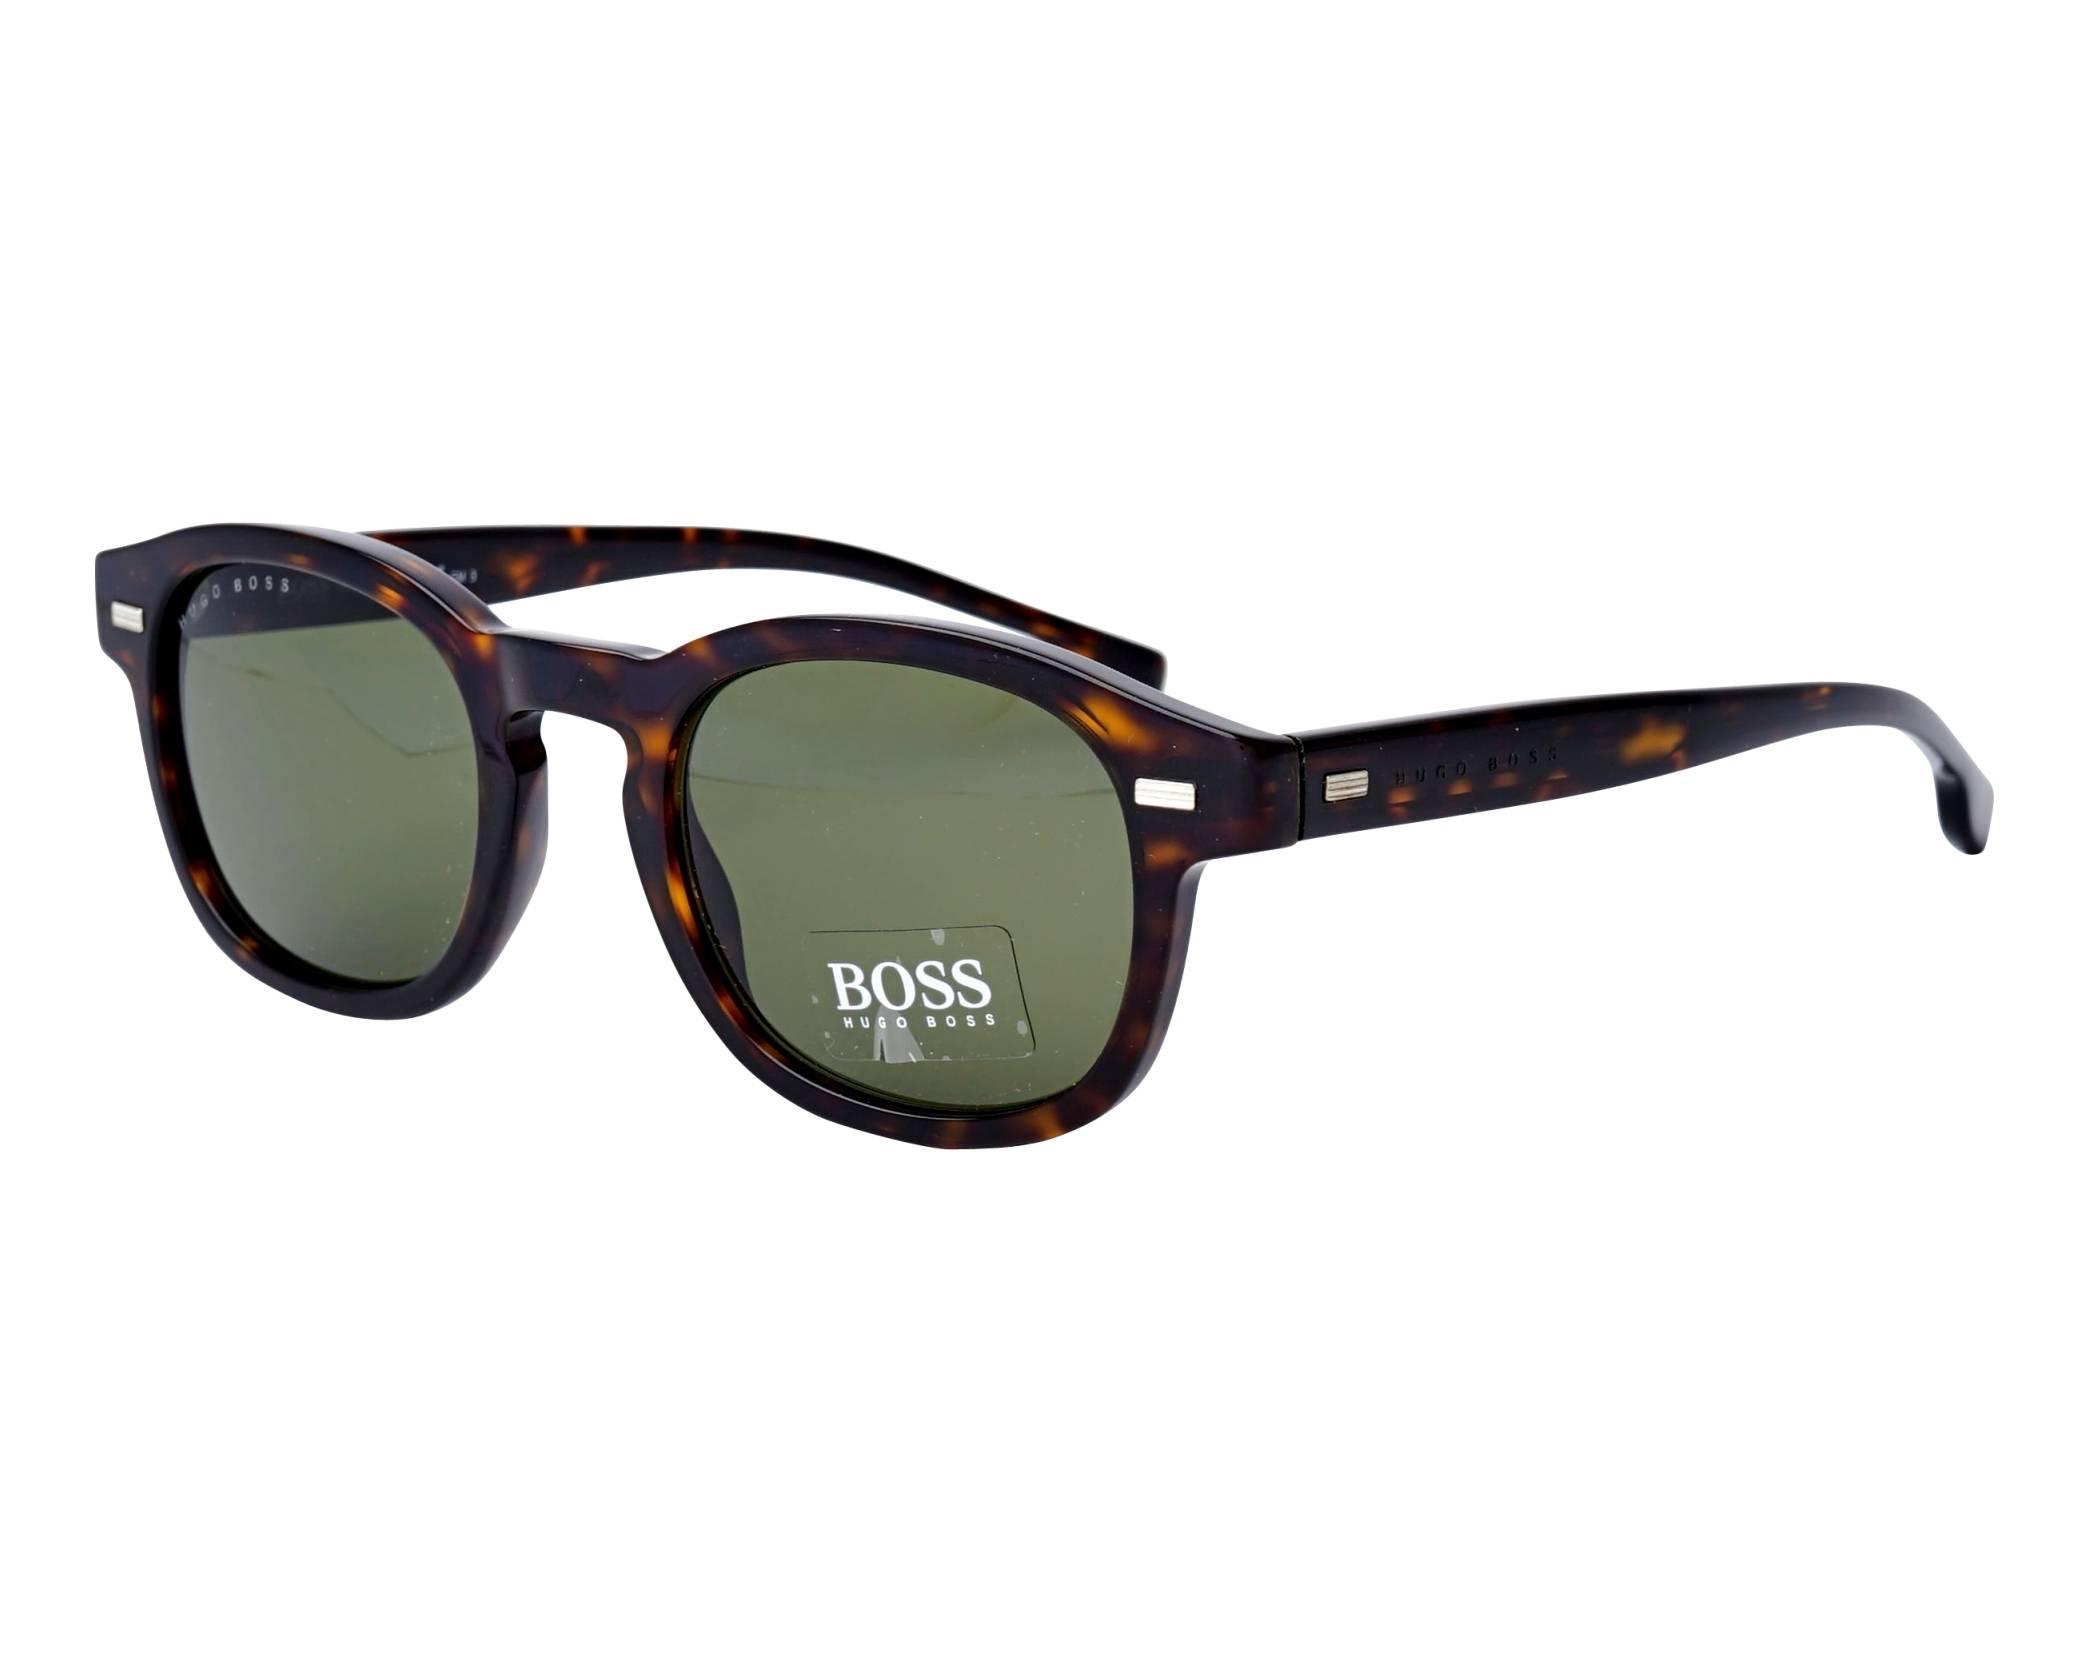 0b910008d1 Sunglasses Hugo Boss BOSS-0999-S 086QT 49-22 Havana profile view